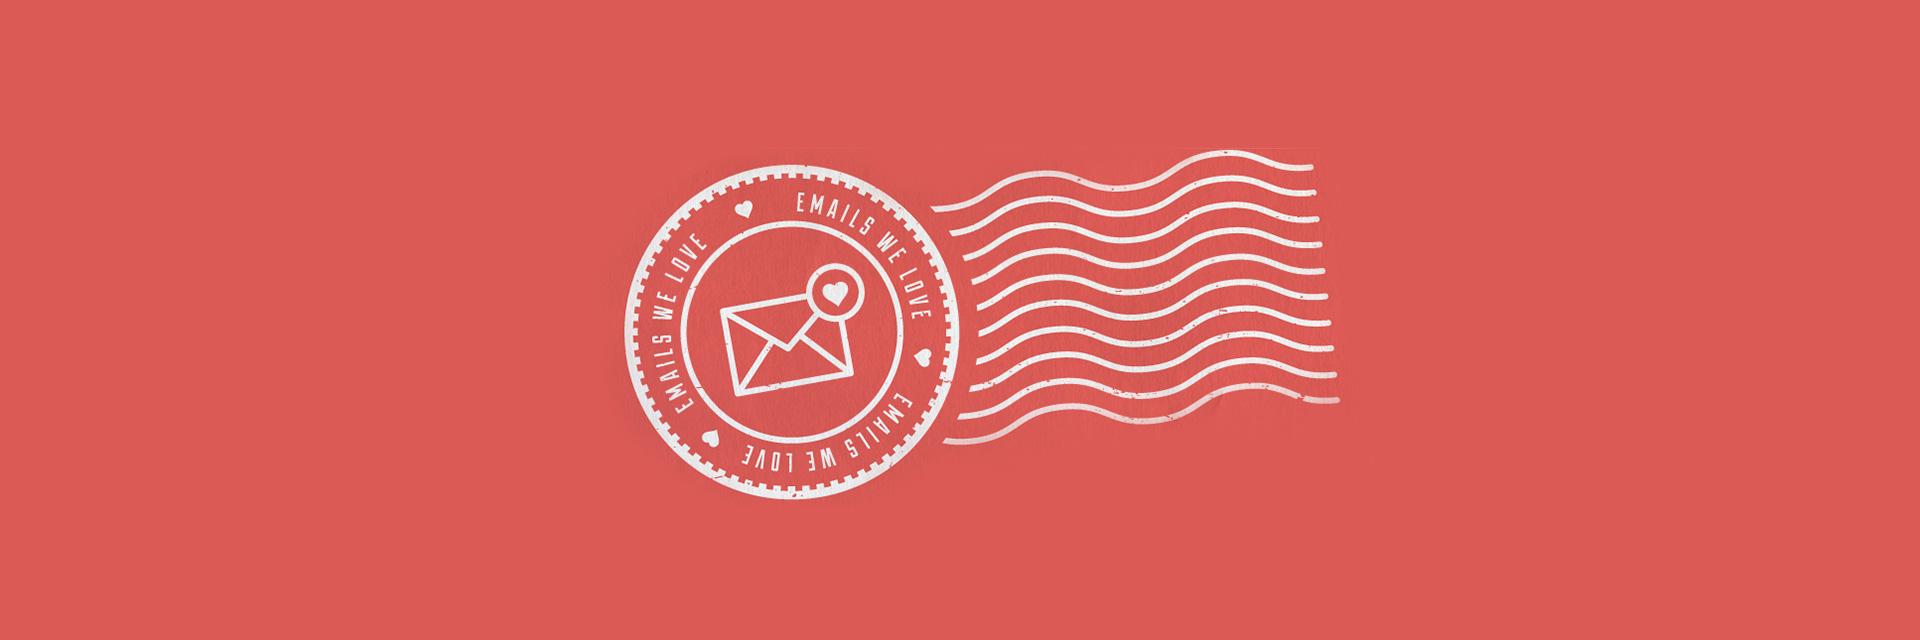 国外爆发新冠病毒到底要不要通过邮件或开发信来问候外贸客户?